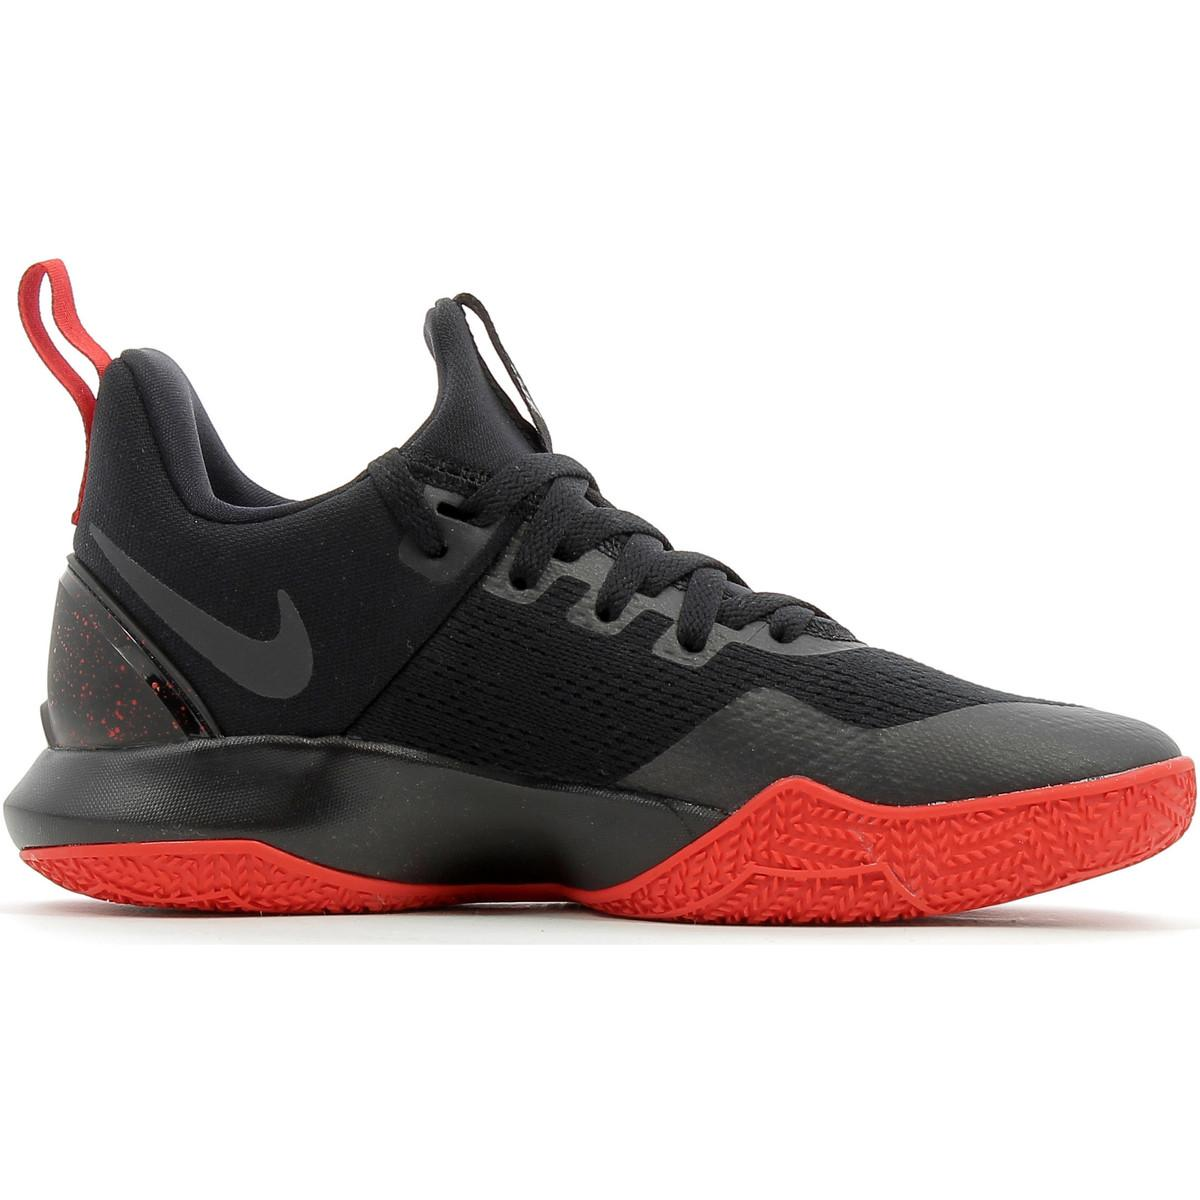 Zoom Shift Chaussures Nike pour homme en coloris Noir